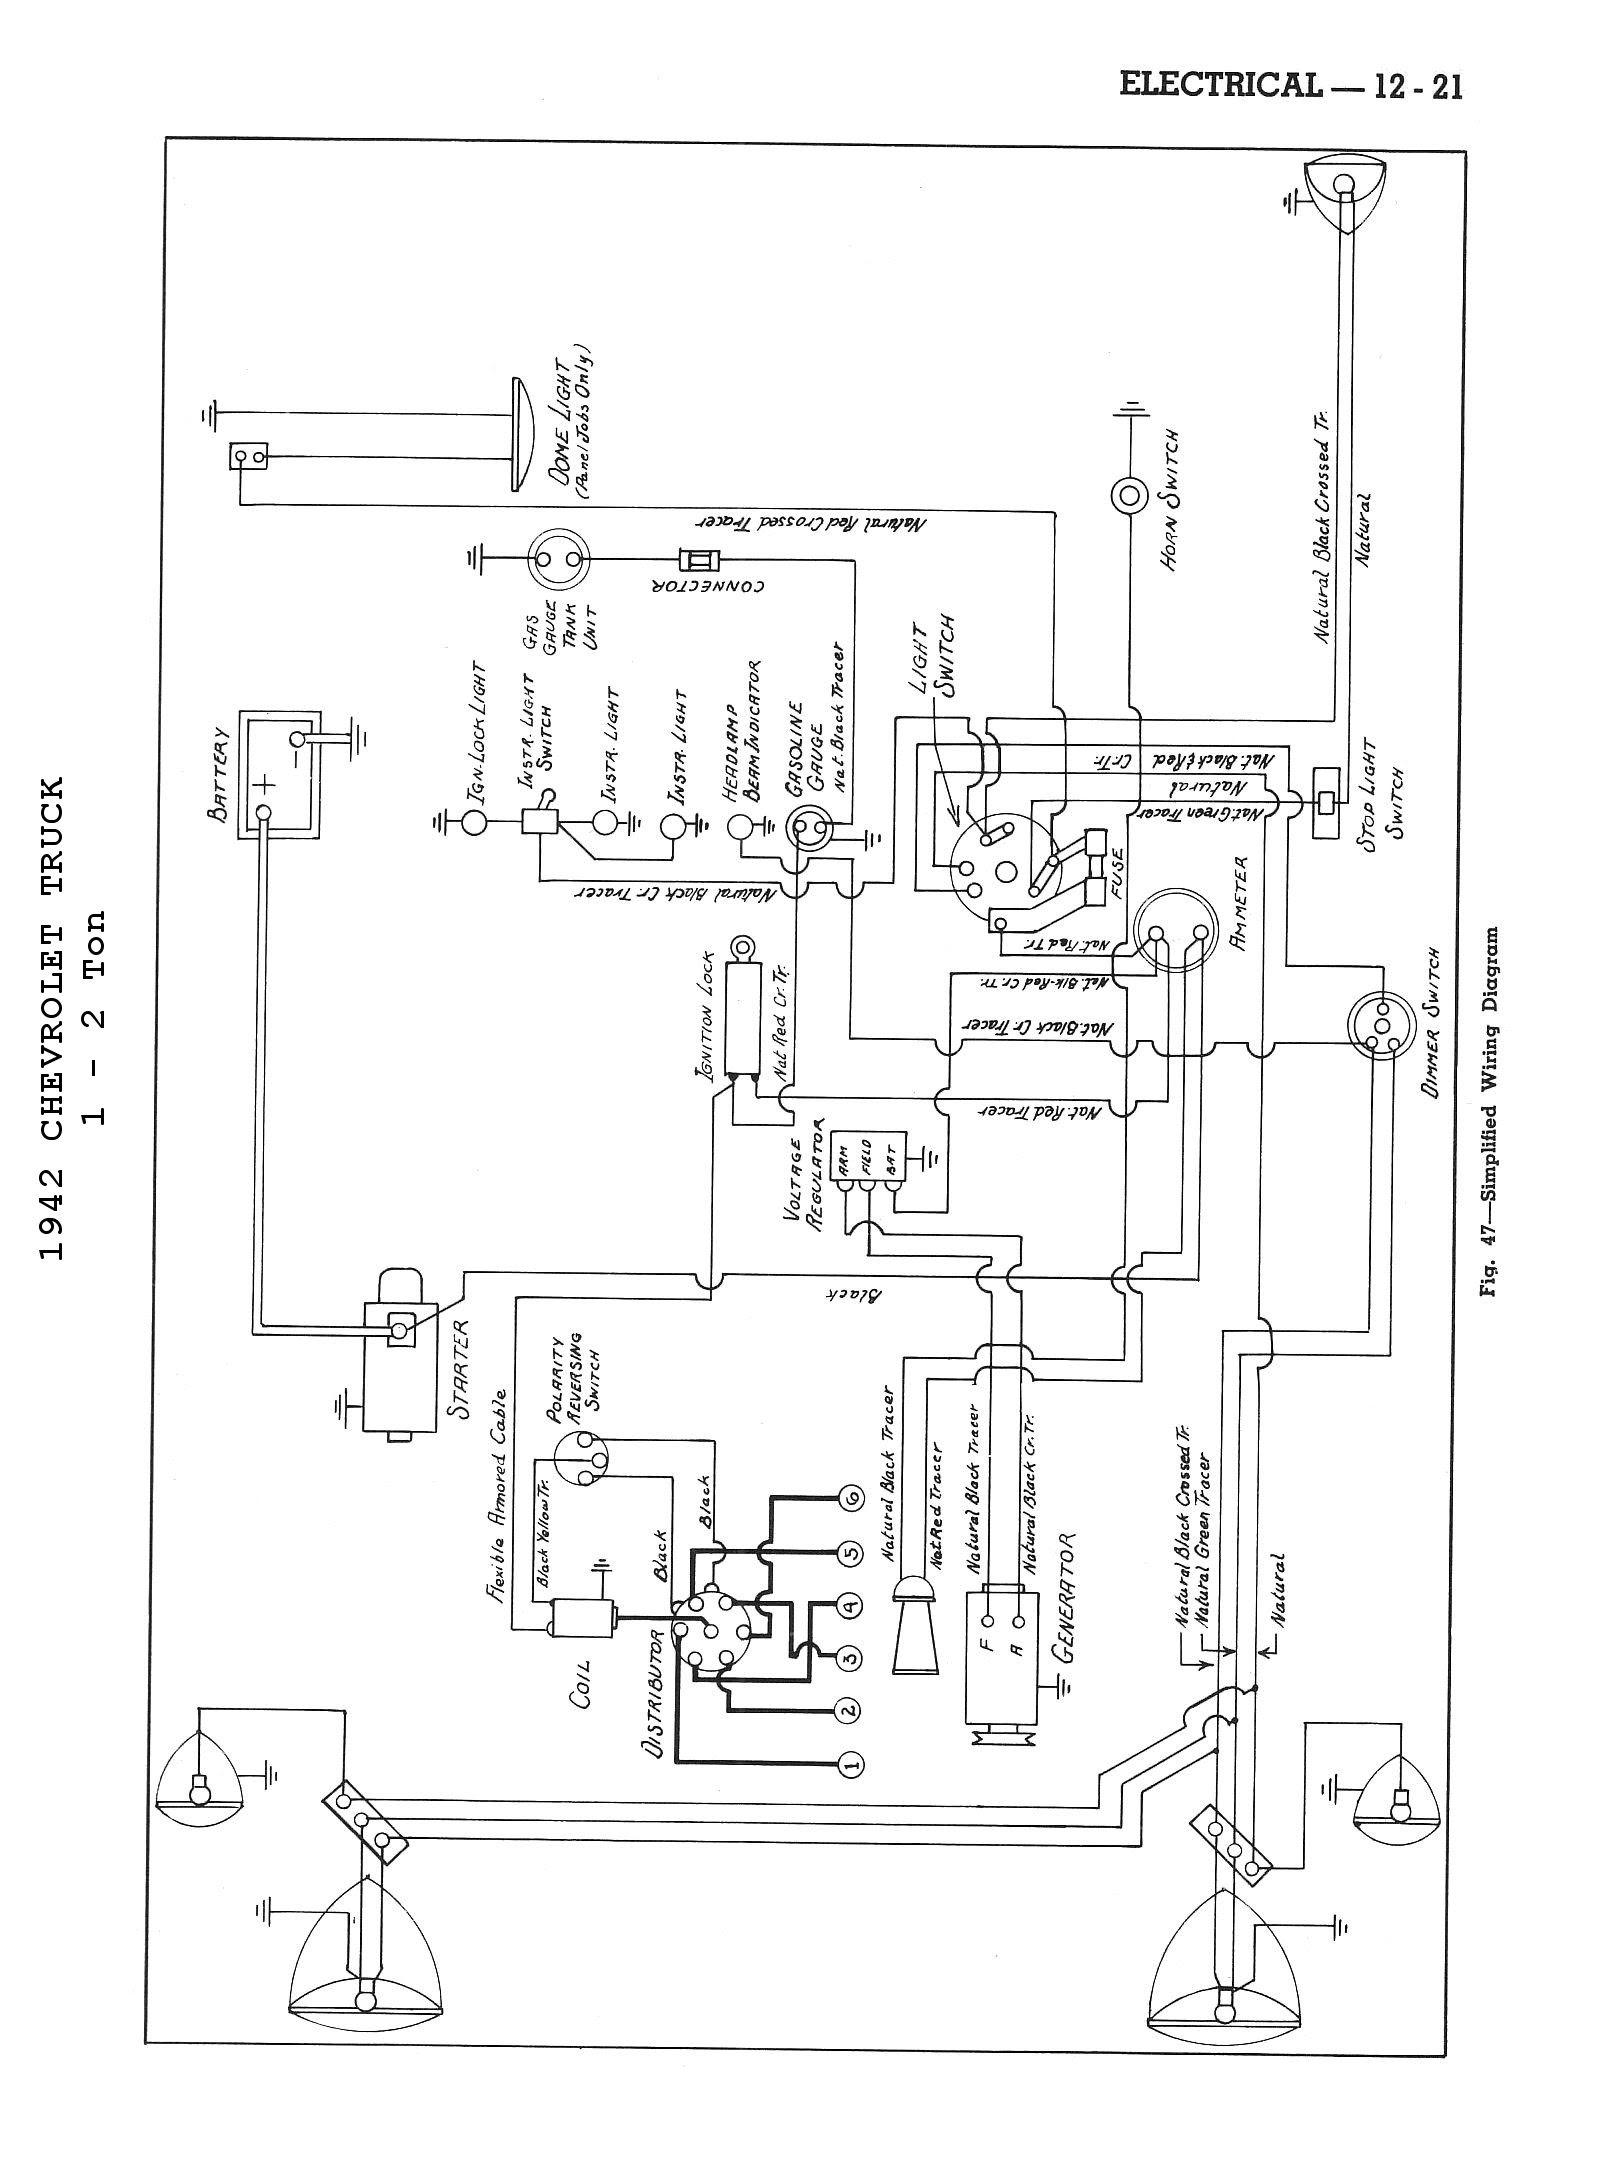 Wiring Diagram PDF: 1934 Dodge Wiring Diagram Schematic